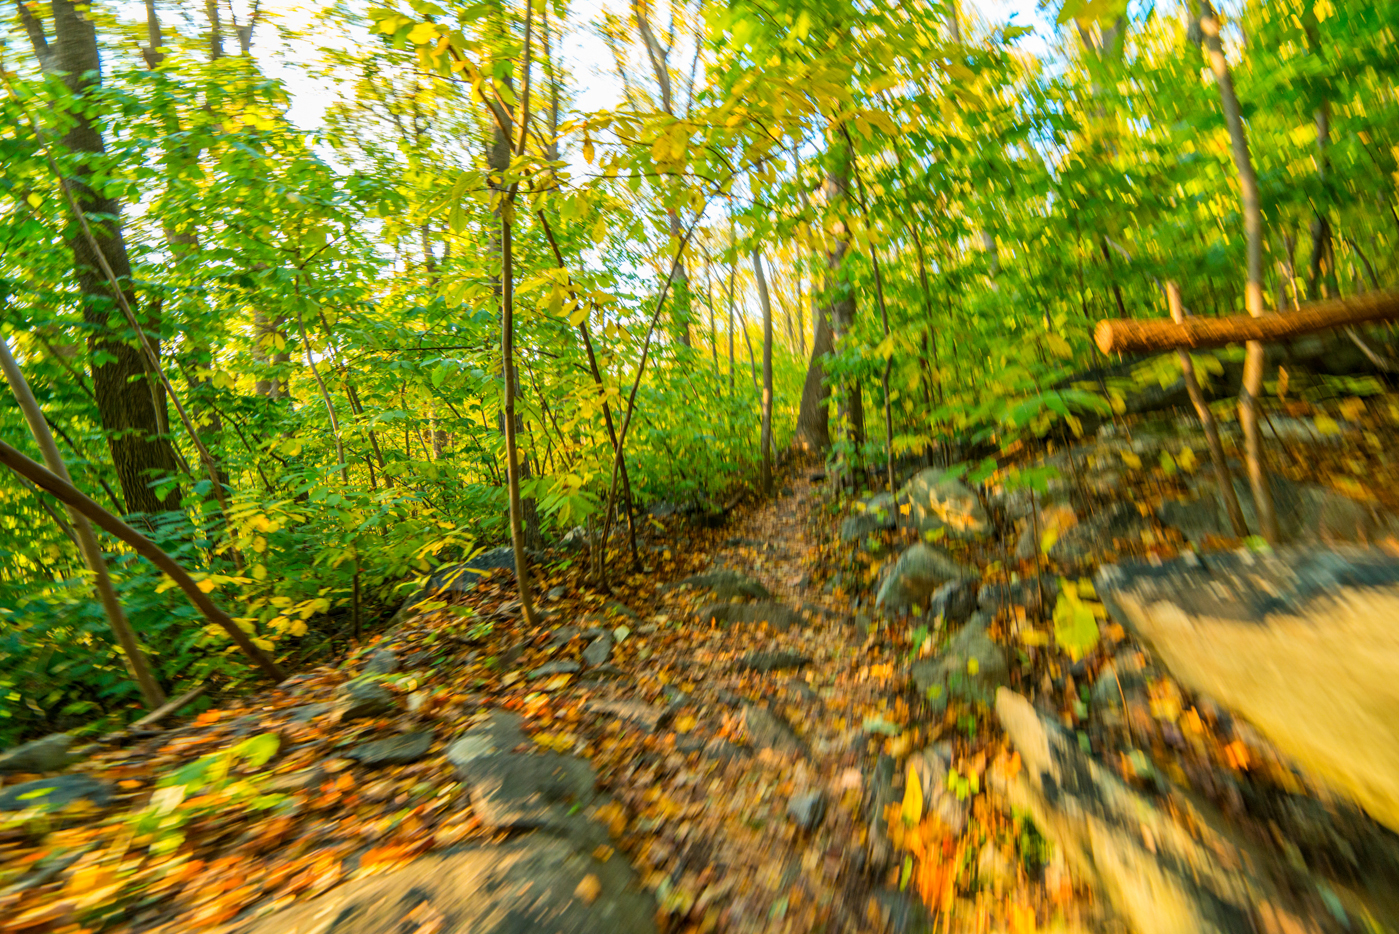 2014-10-25 WevertonCliffs_16.37.59.jpg